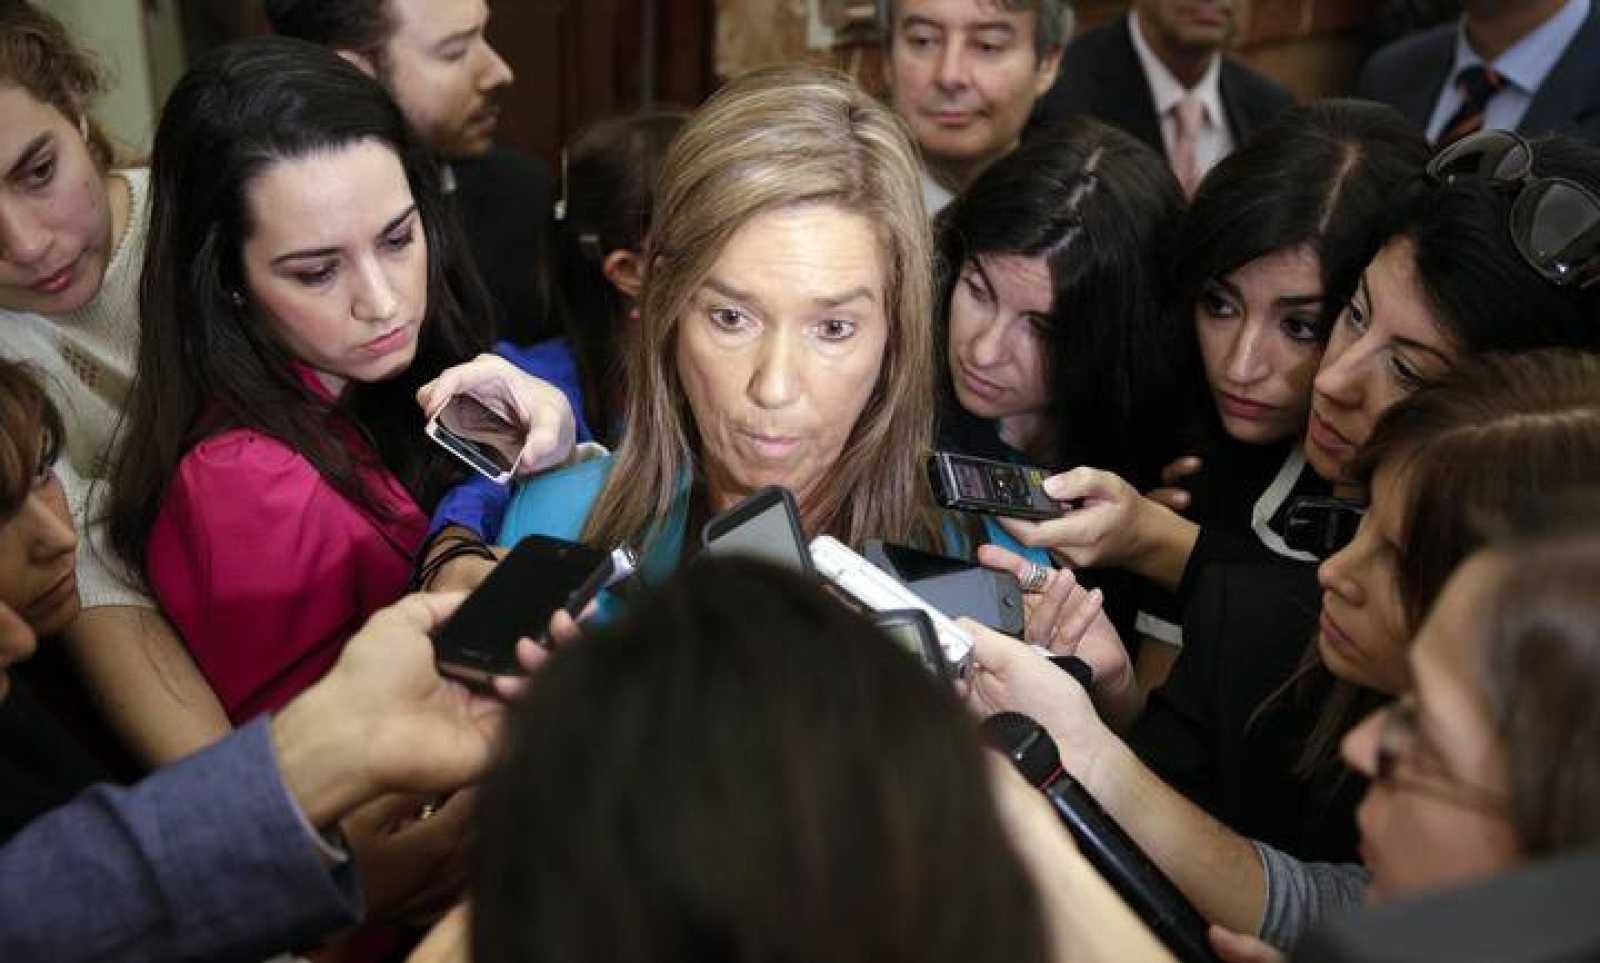 La Ministra de Sanidad, Servicios Sociales e Igualdad, Ana Mato, habla en los pasillos del Congreso de los Diputados